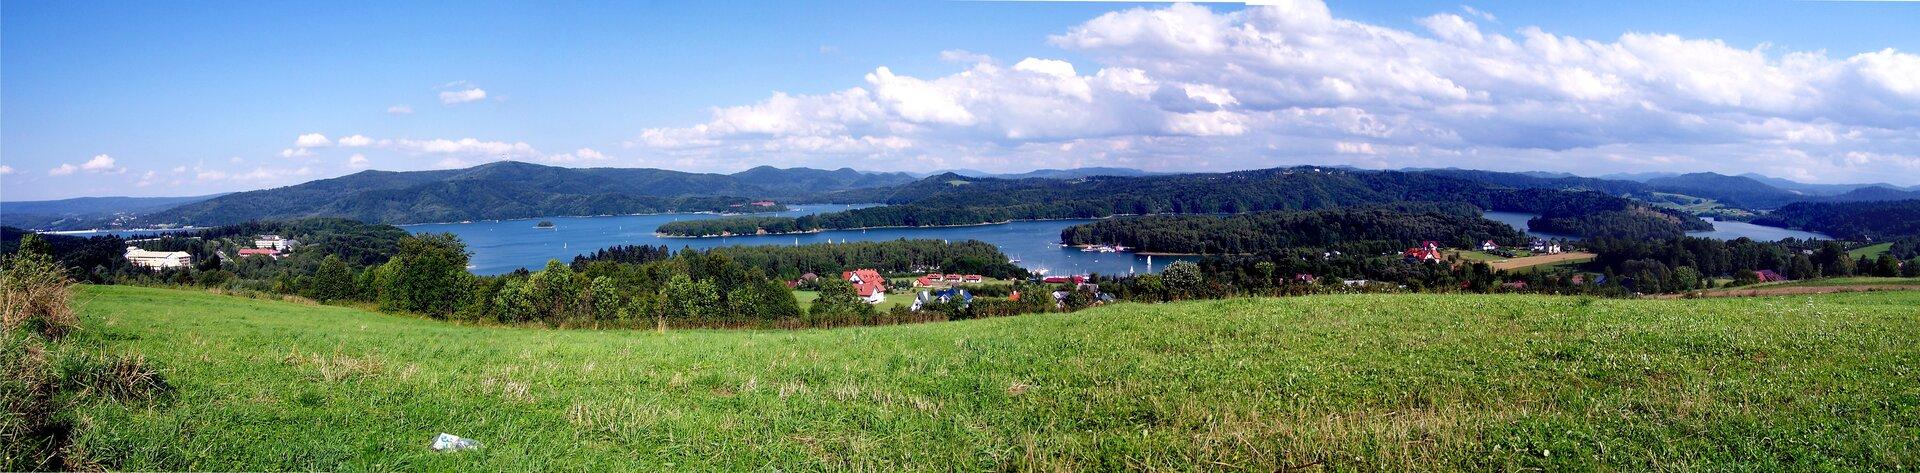 Galeria prezentuje fotografie sztucznych zbiorników wodnych. Fotografia prezentuje Jezioro Solińskie – zbiornik zaporowy powstały na rzece San. Na pierwszym planie widoczny porośnięty trawą pagórek. Wdole rozległe Jezioro Solińskie zlicznymi zielonymi wyspami.